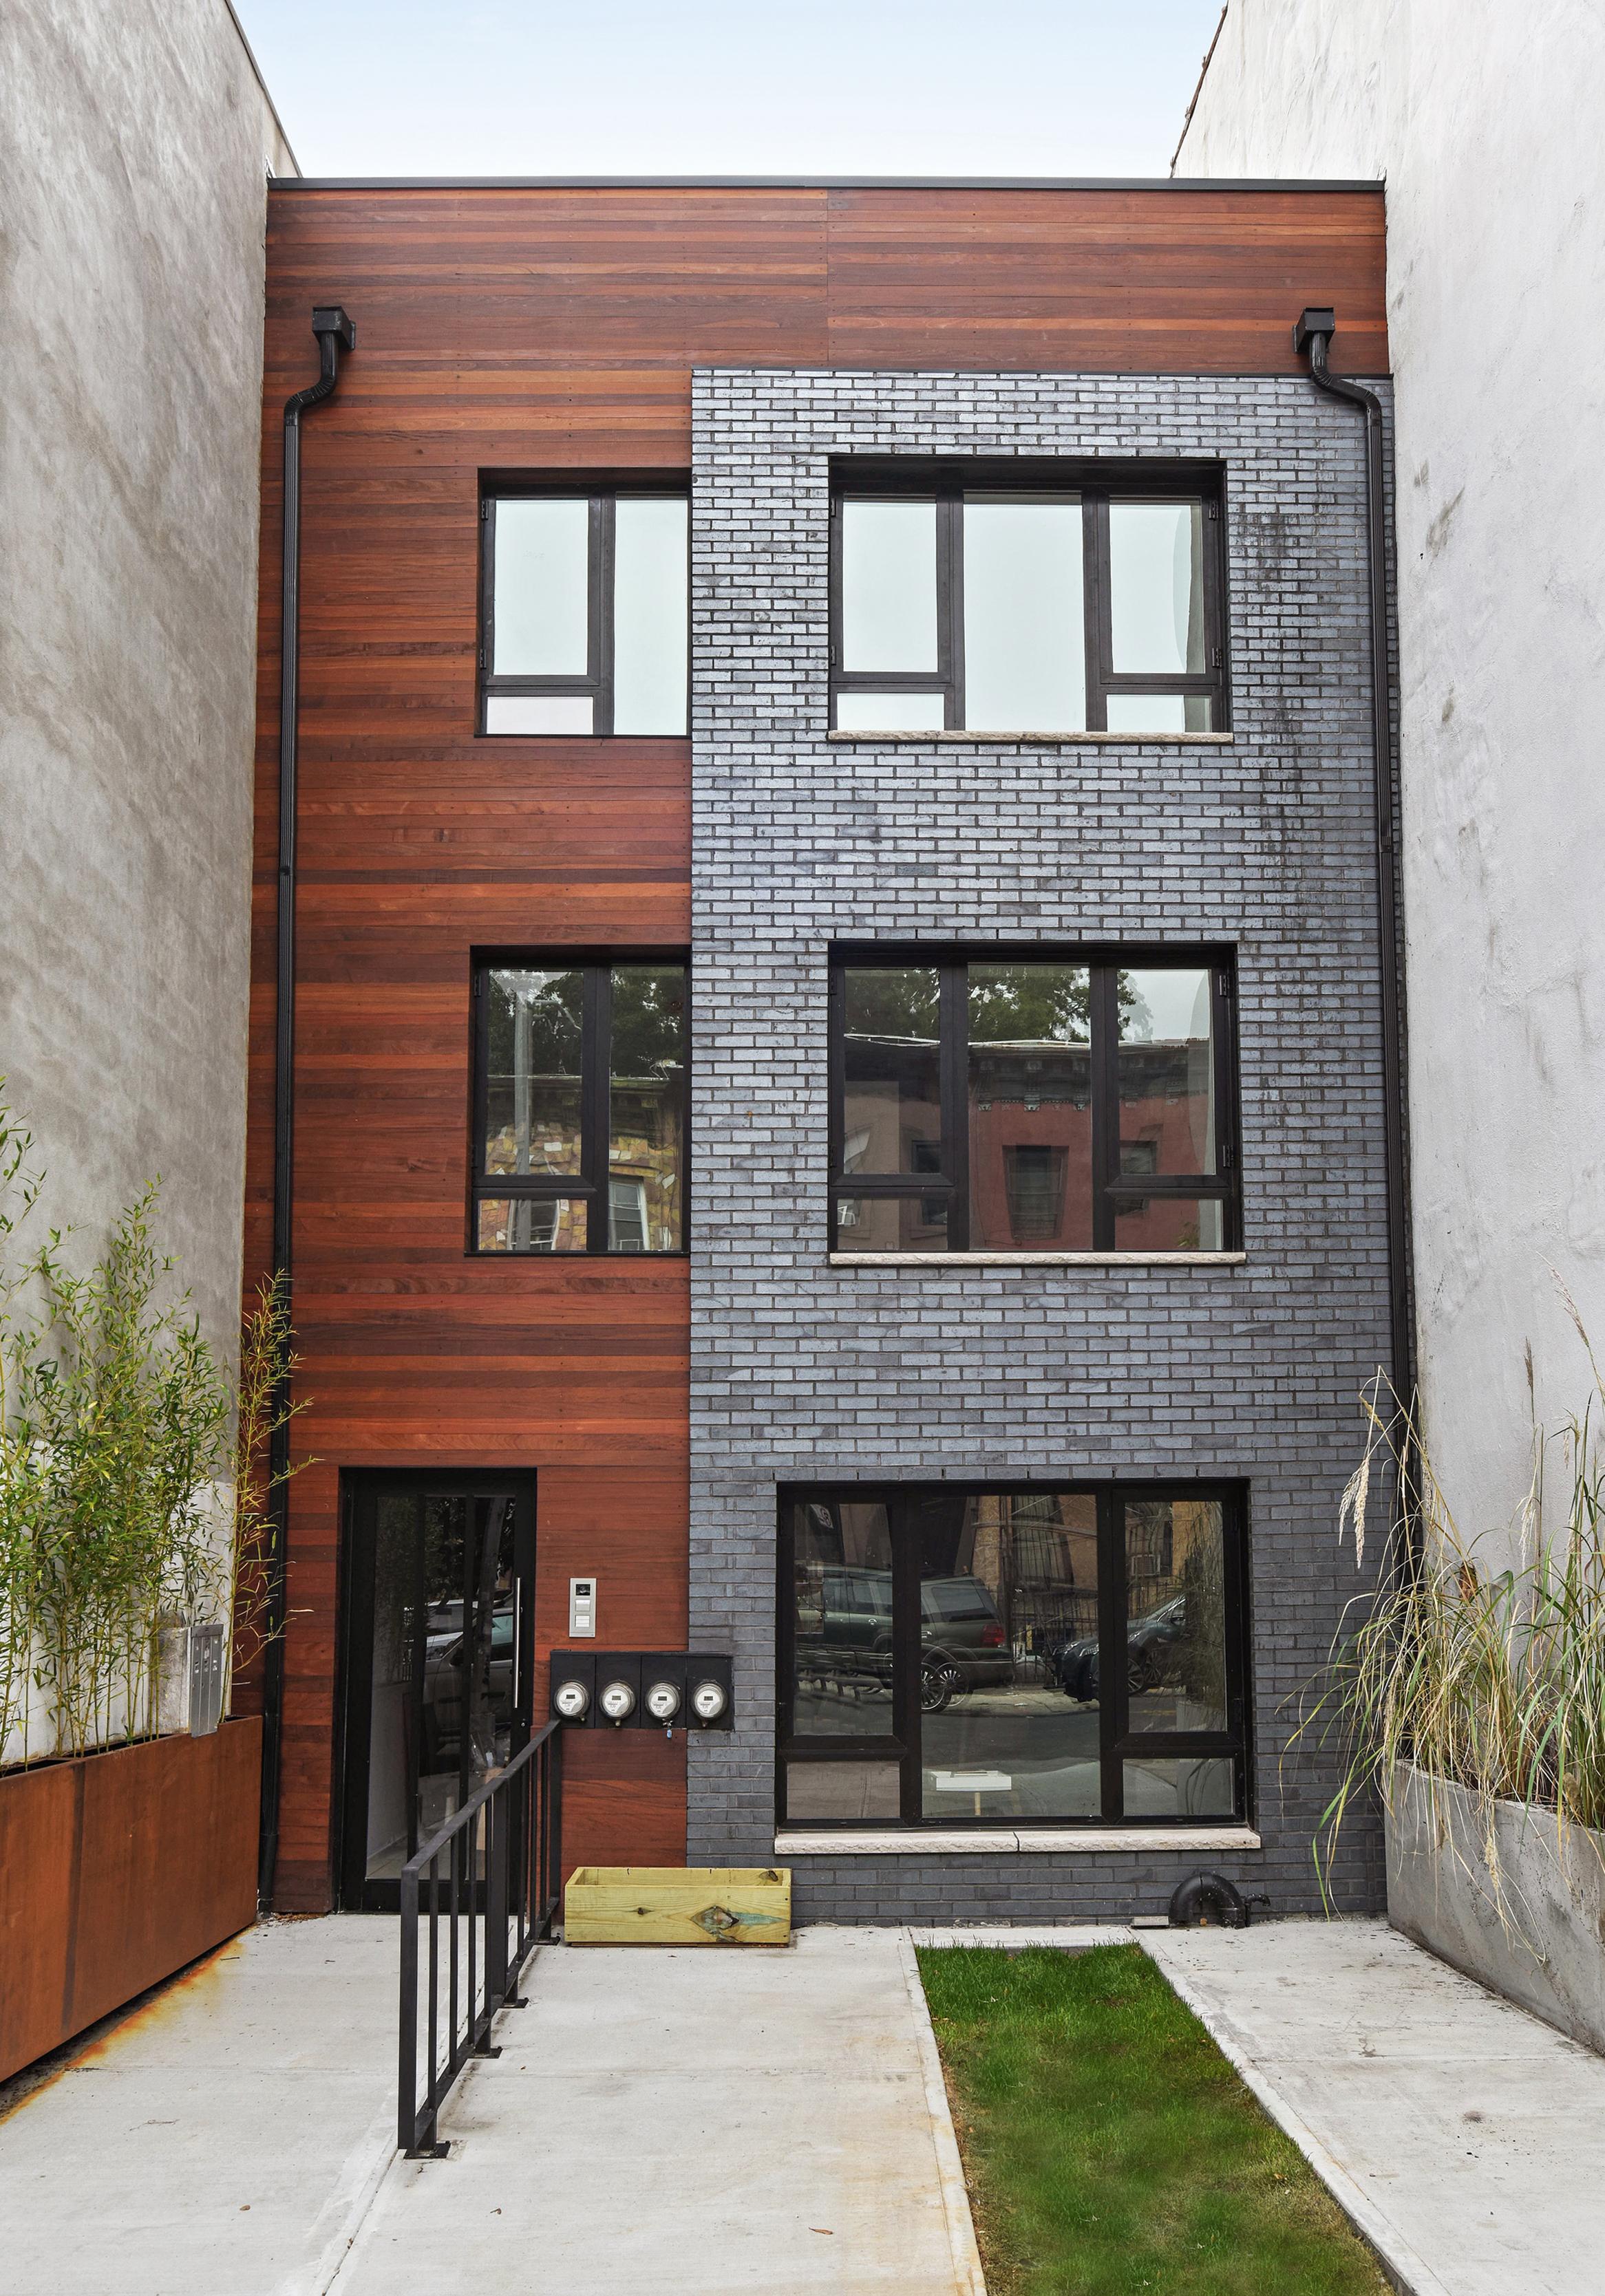 132 Jefferson Avenue, 3-Family in Bedford Styuvesant, Brooklyn